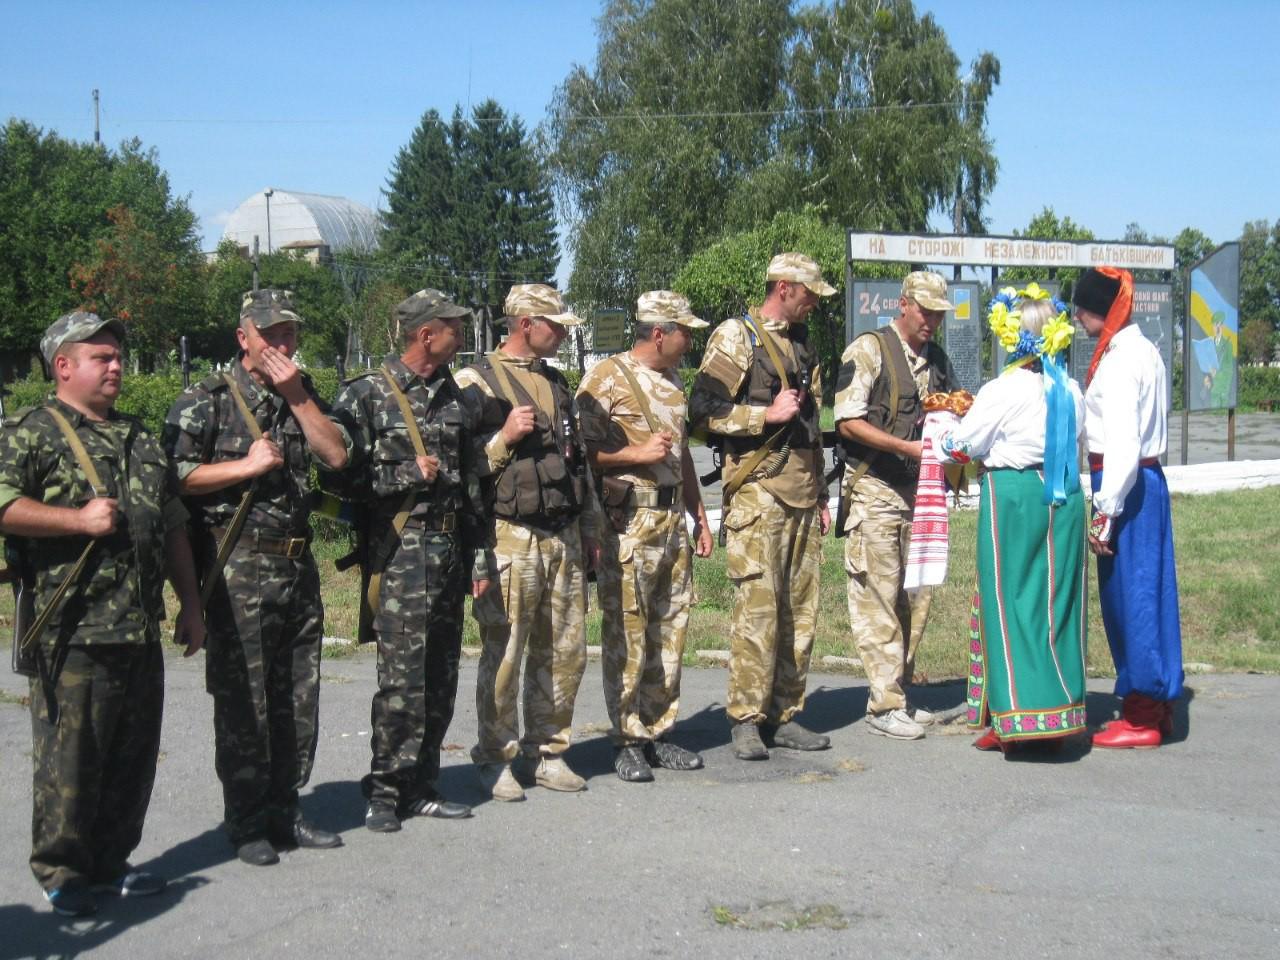 Як Молодіжна рада Шепетівки зустрічала своїх героїв із зони АТО